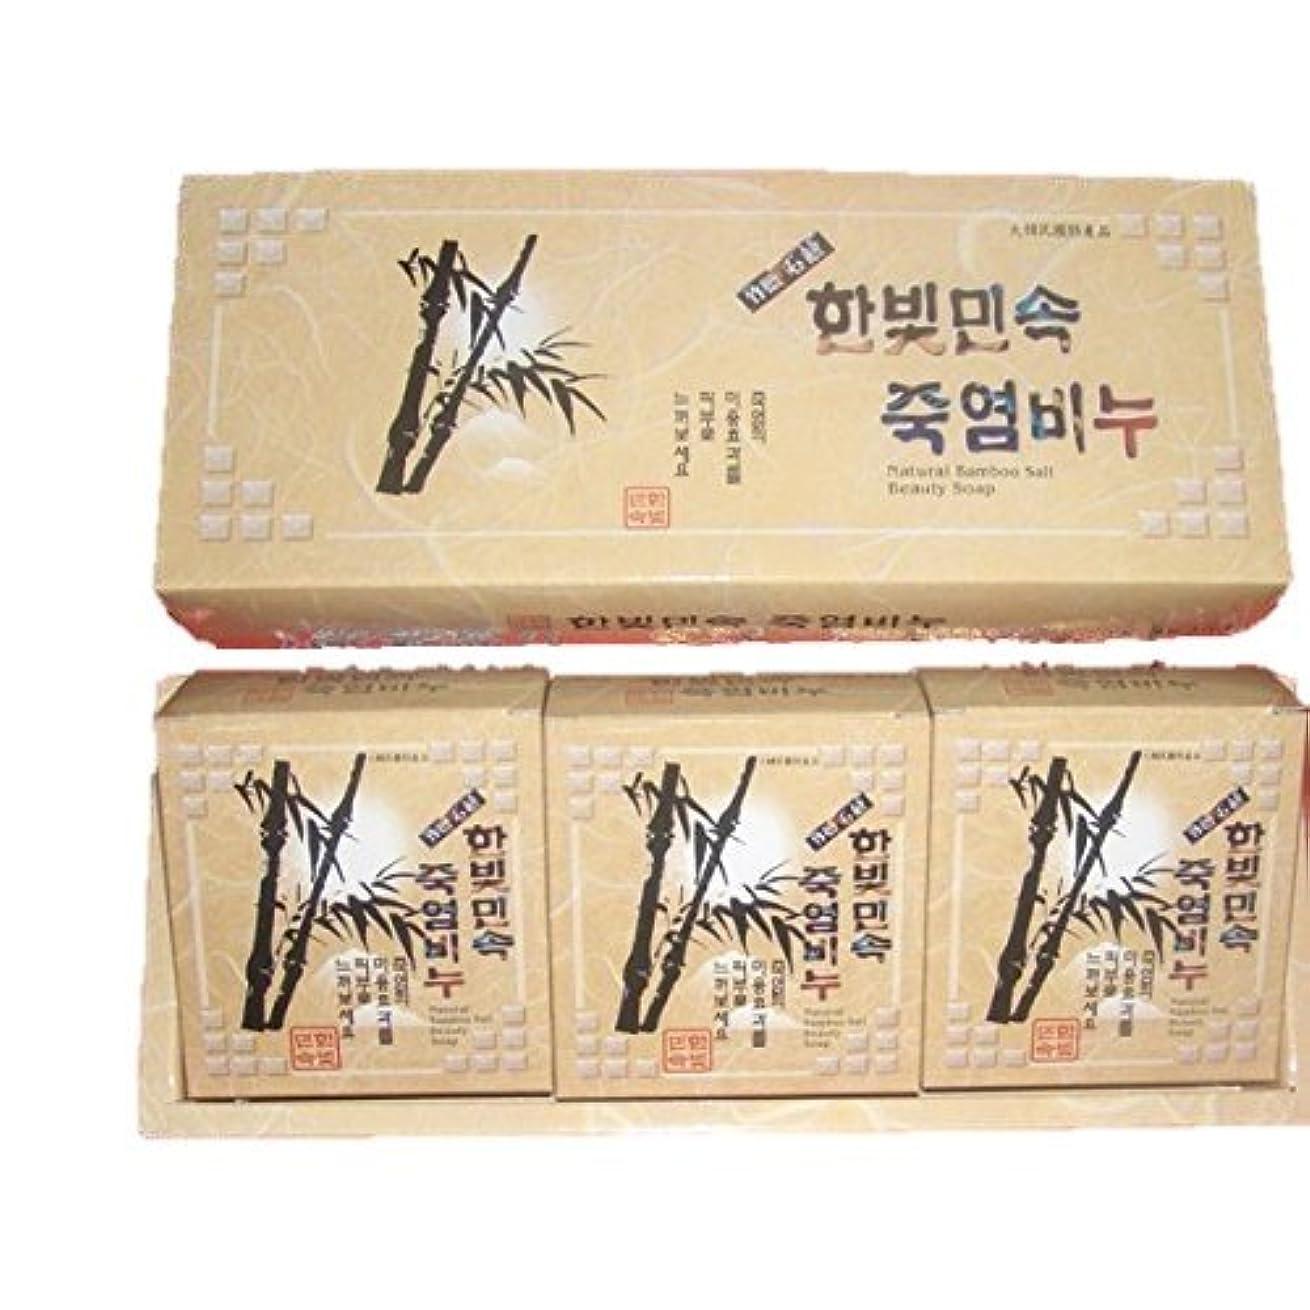 スカルク蓋ブランド(韓国ブランド) 竹塩石鹸 (3個×3セット)